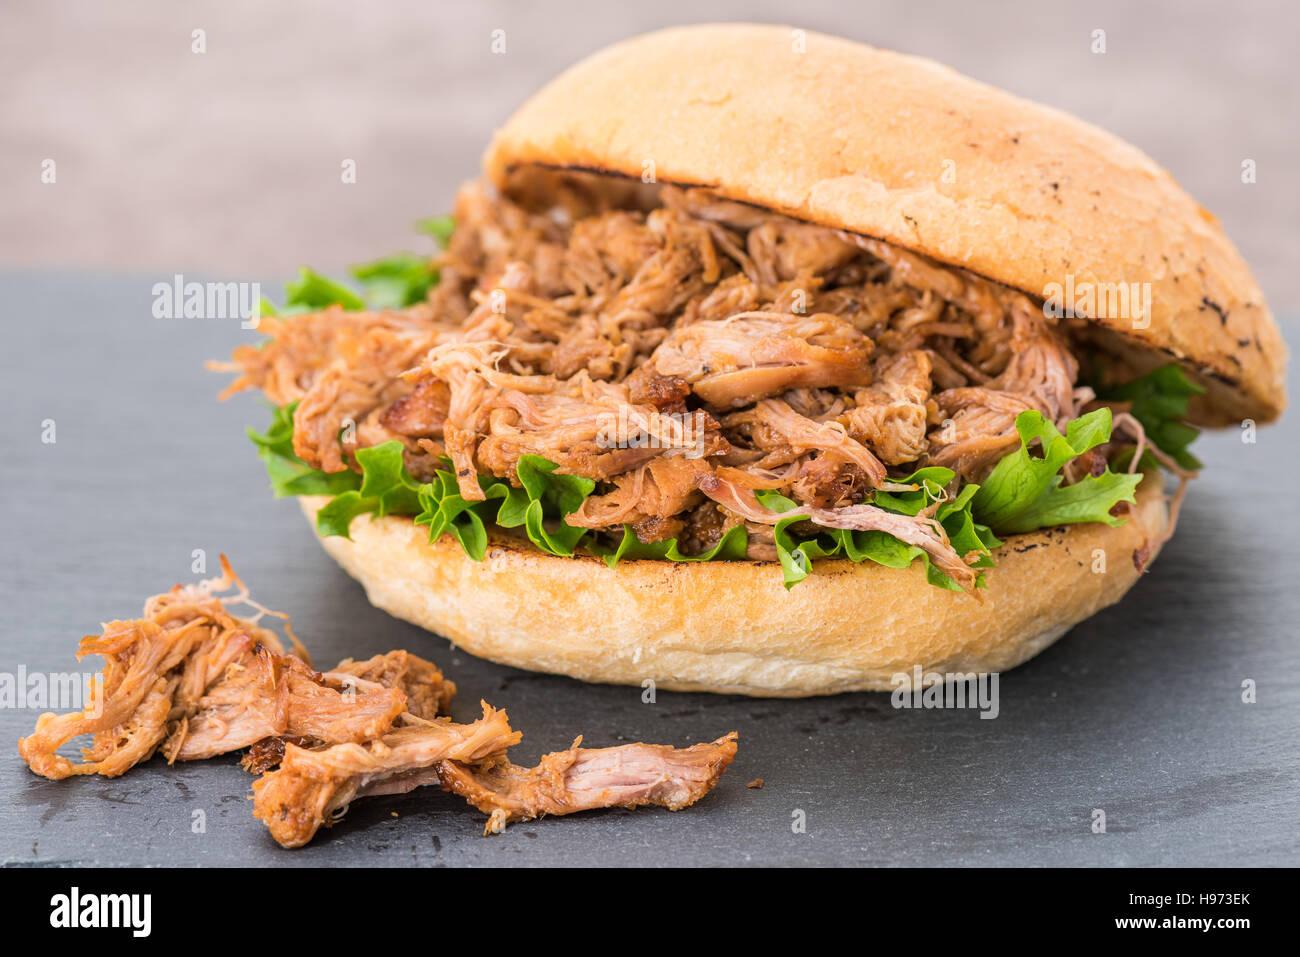 Ein Barbecue Schweinefleisch Sandwich in einem Brot Brötchen gezogen Stockbild